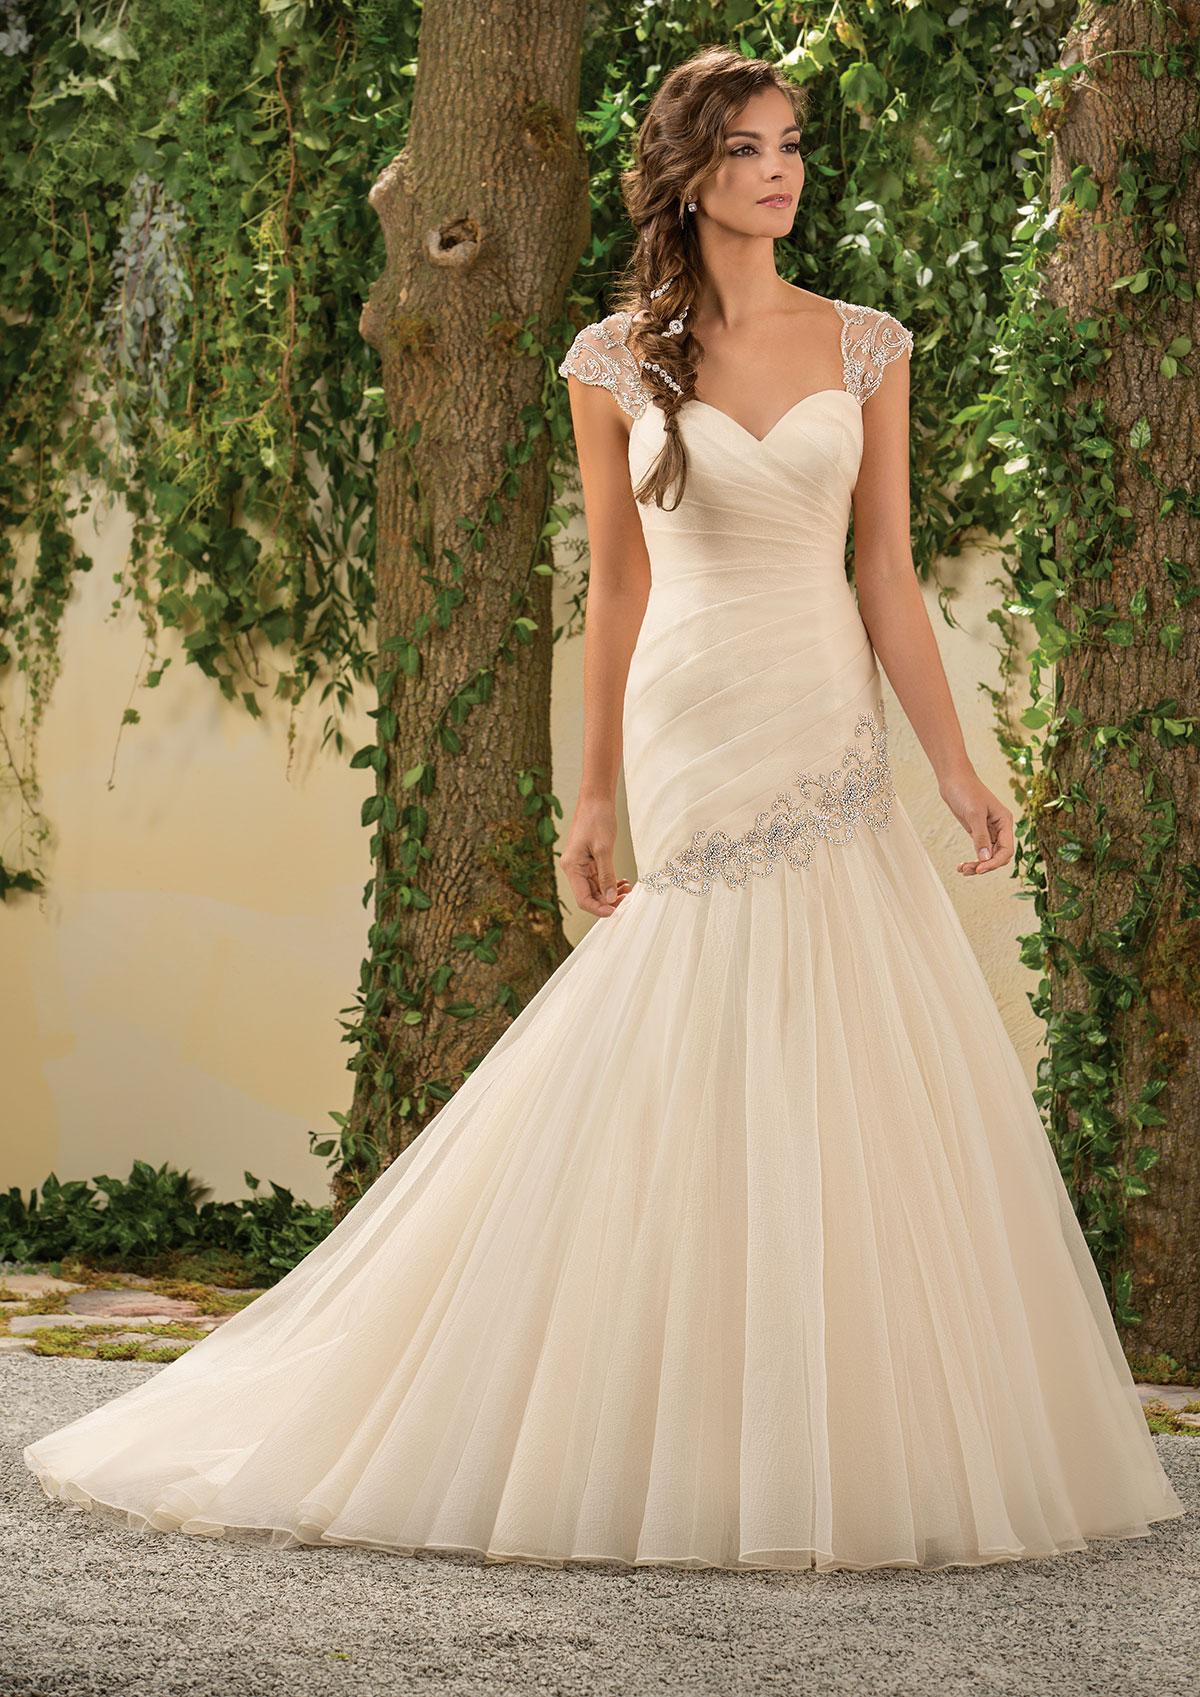 Unique Wedding Dresses Gainesville Fl Sketch - Wedding Plan Ideas ...